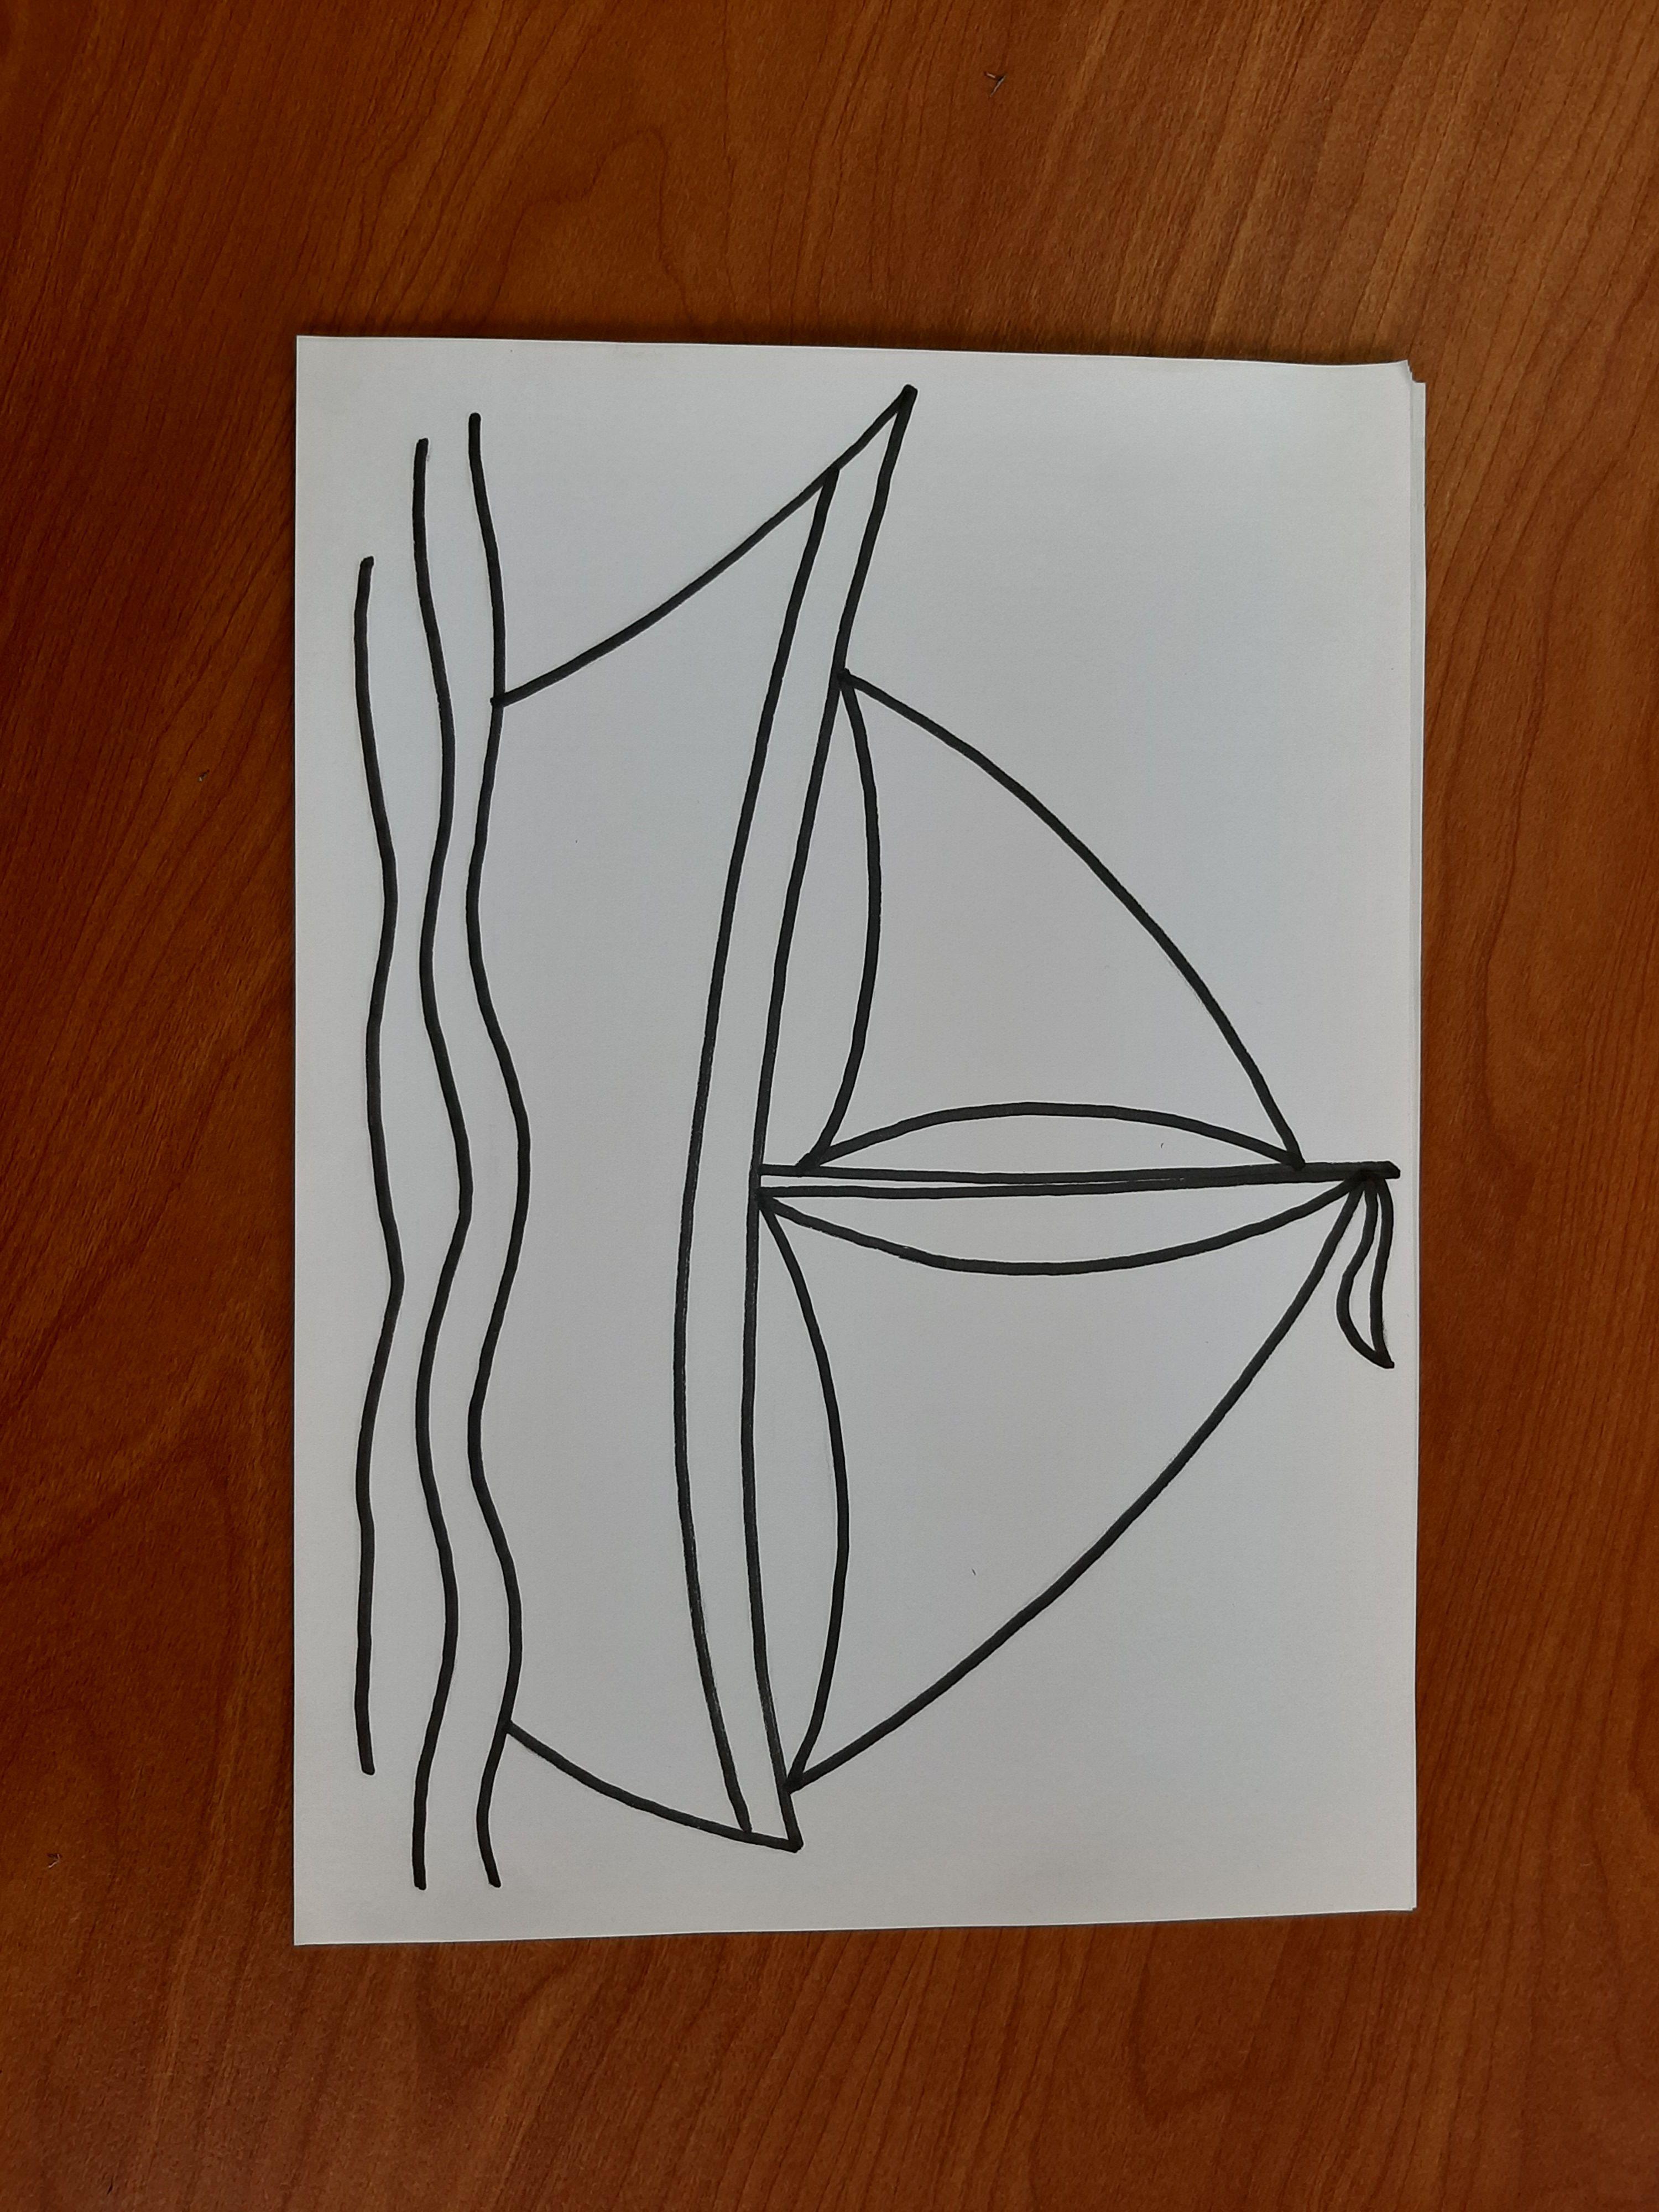 أربع نماذج لرسم قوارب شراعية